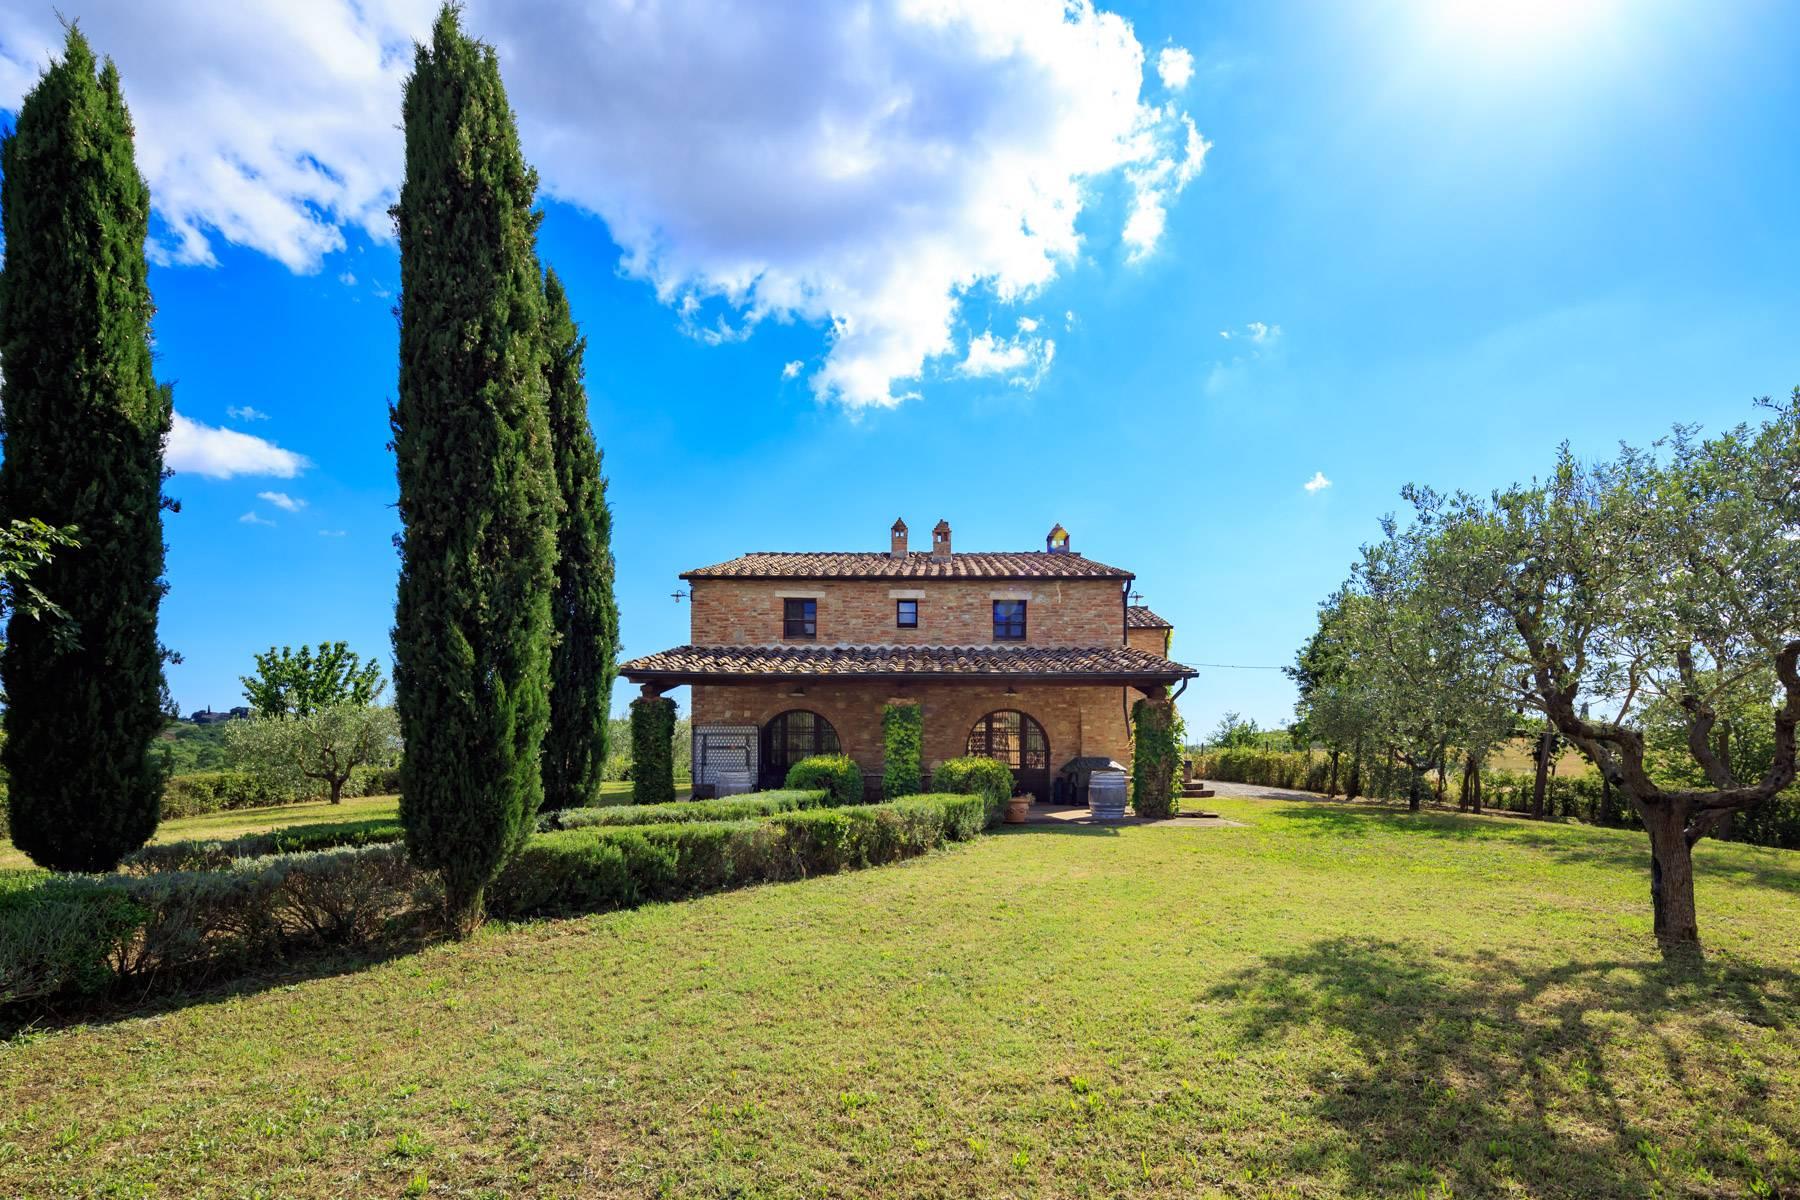 Villa in Vendita a Asciano: 5 locali, 430 mq - Foto 25